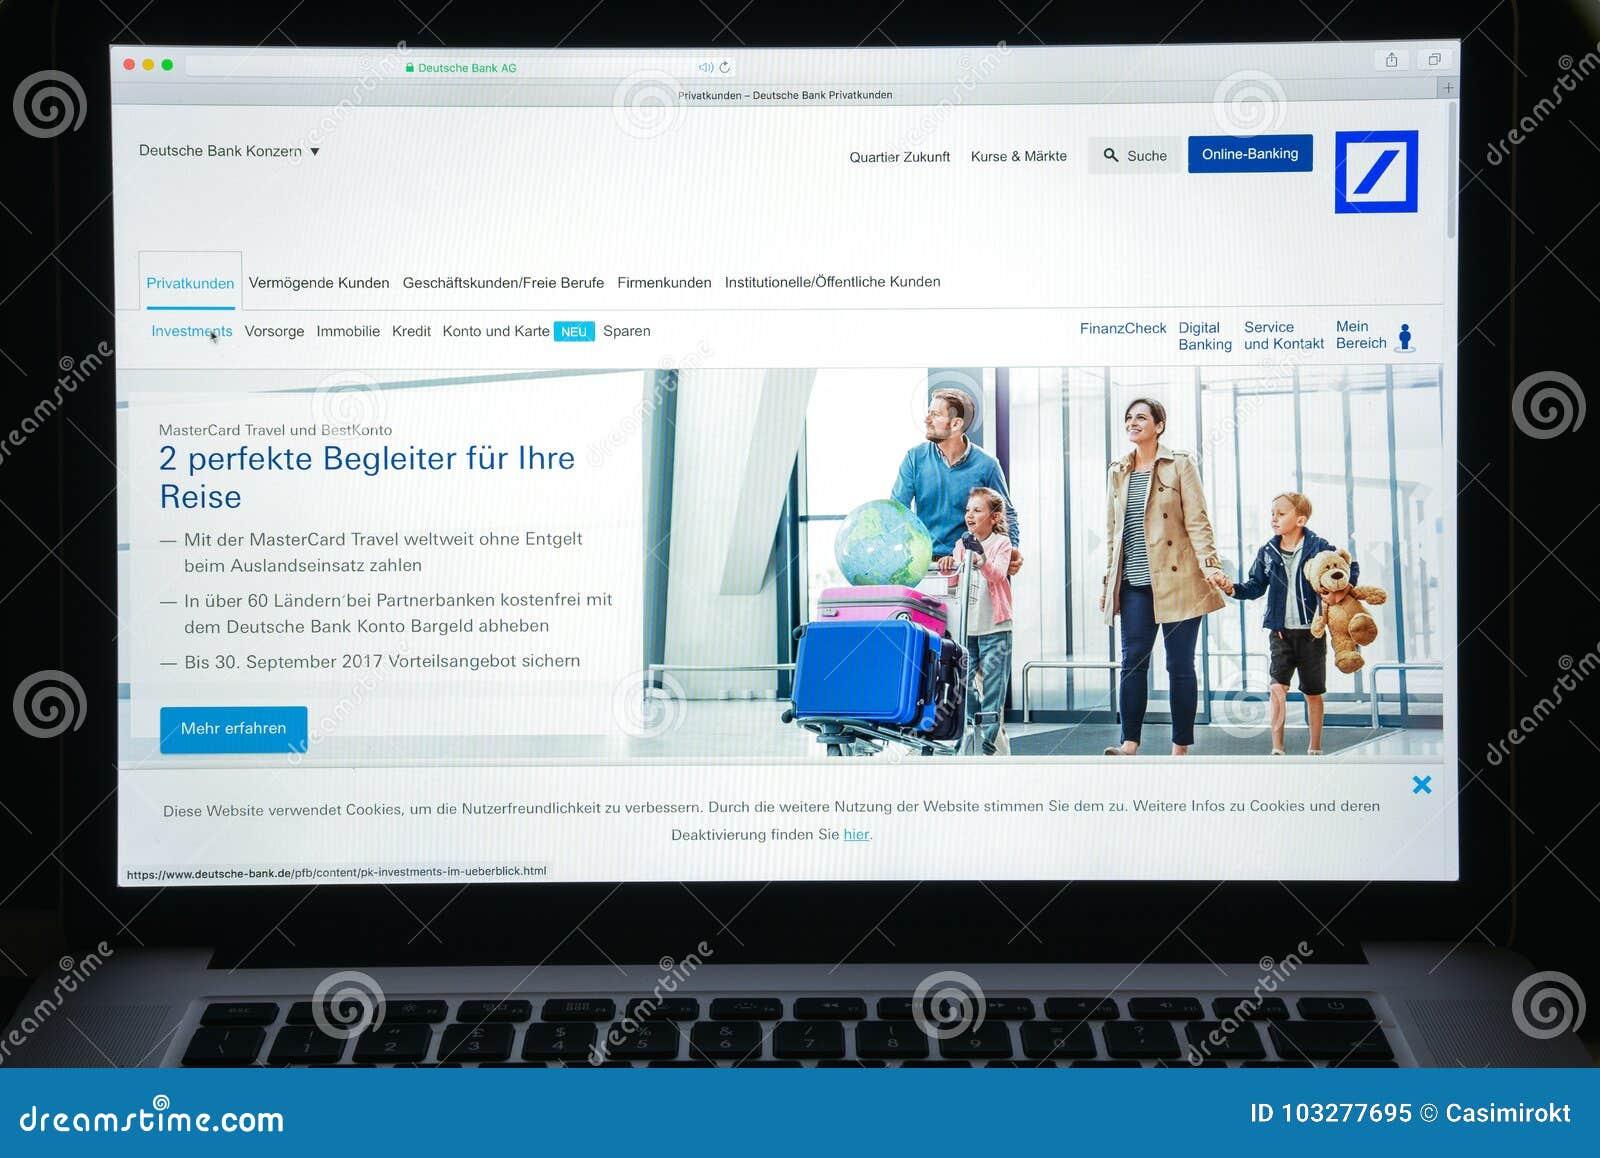 How to change address in deutsche bank germany online